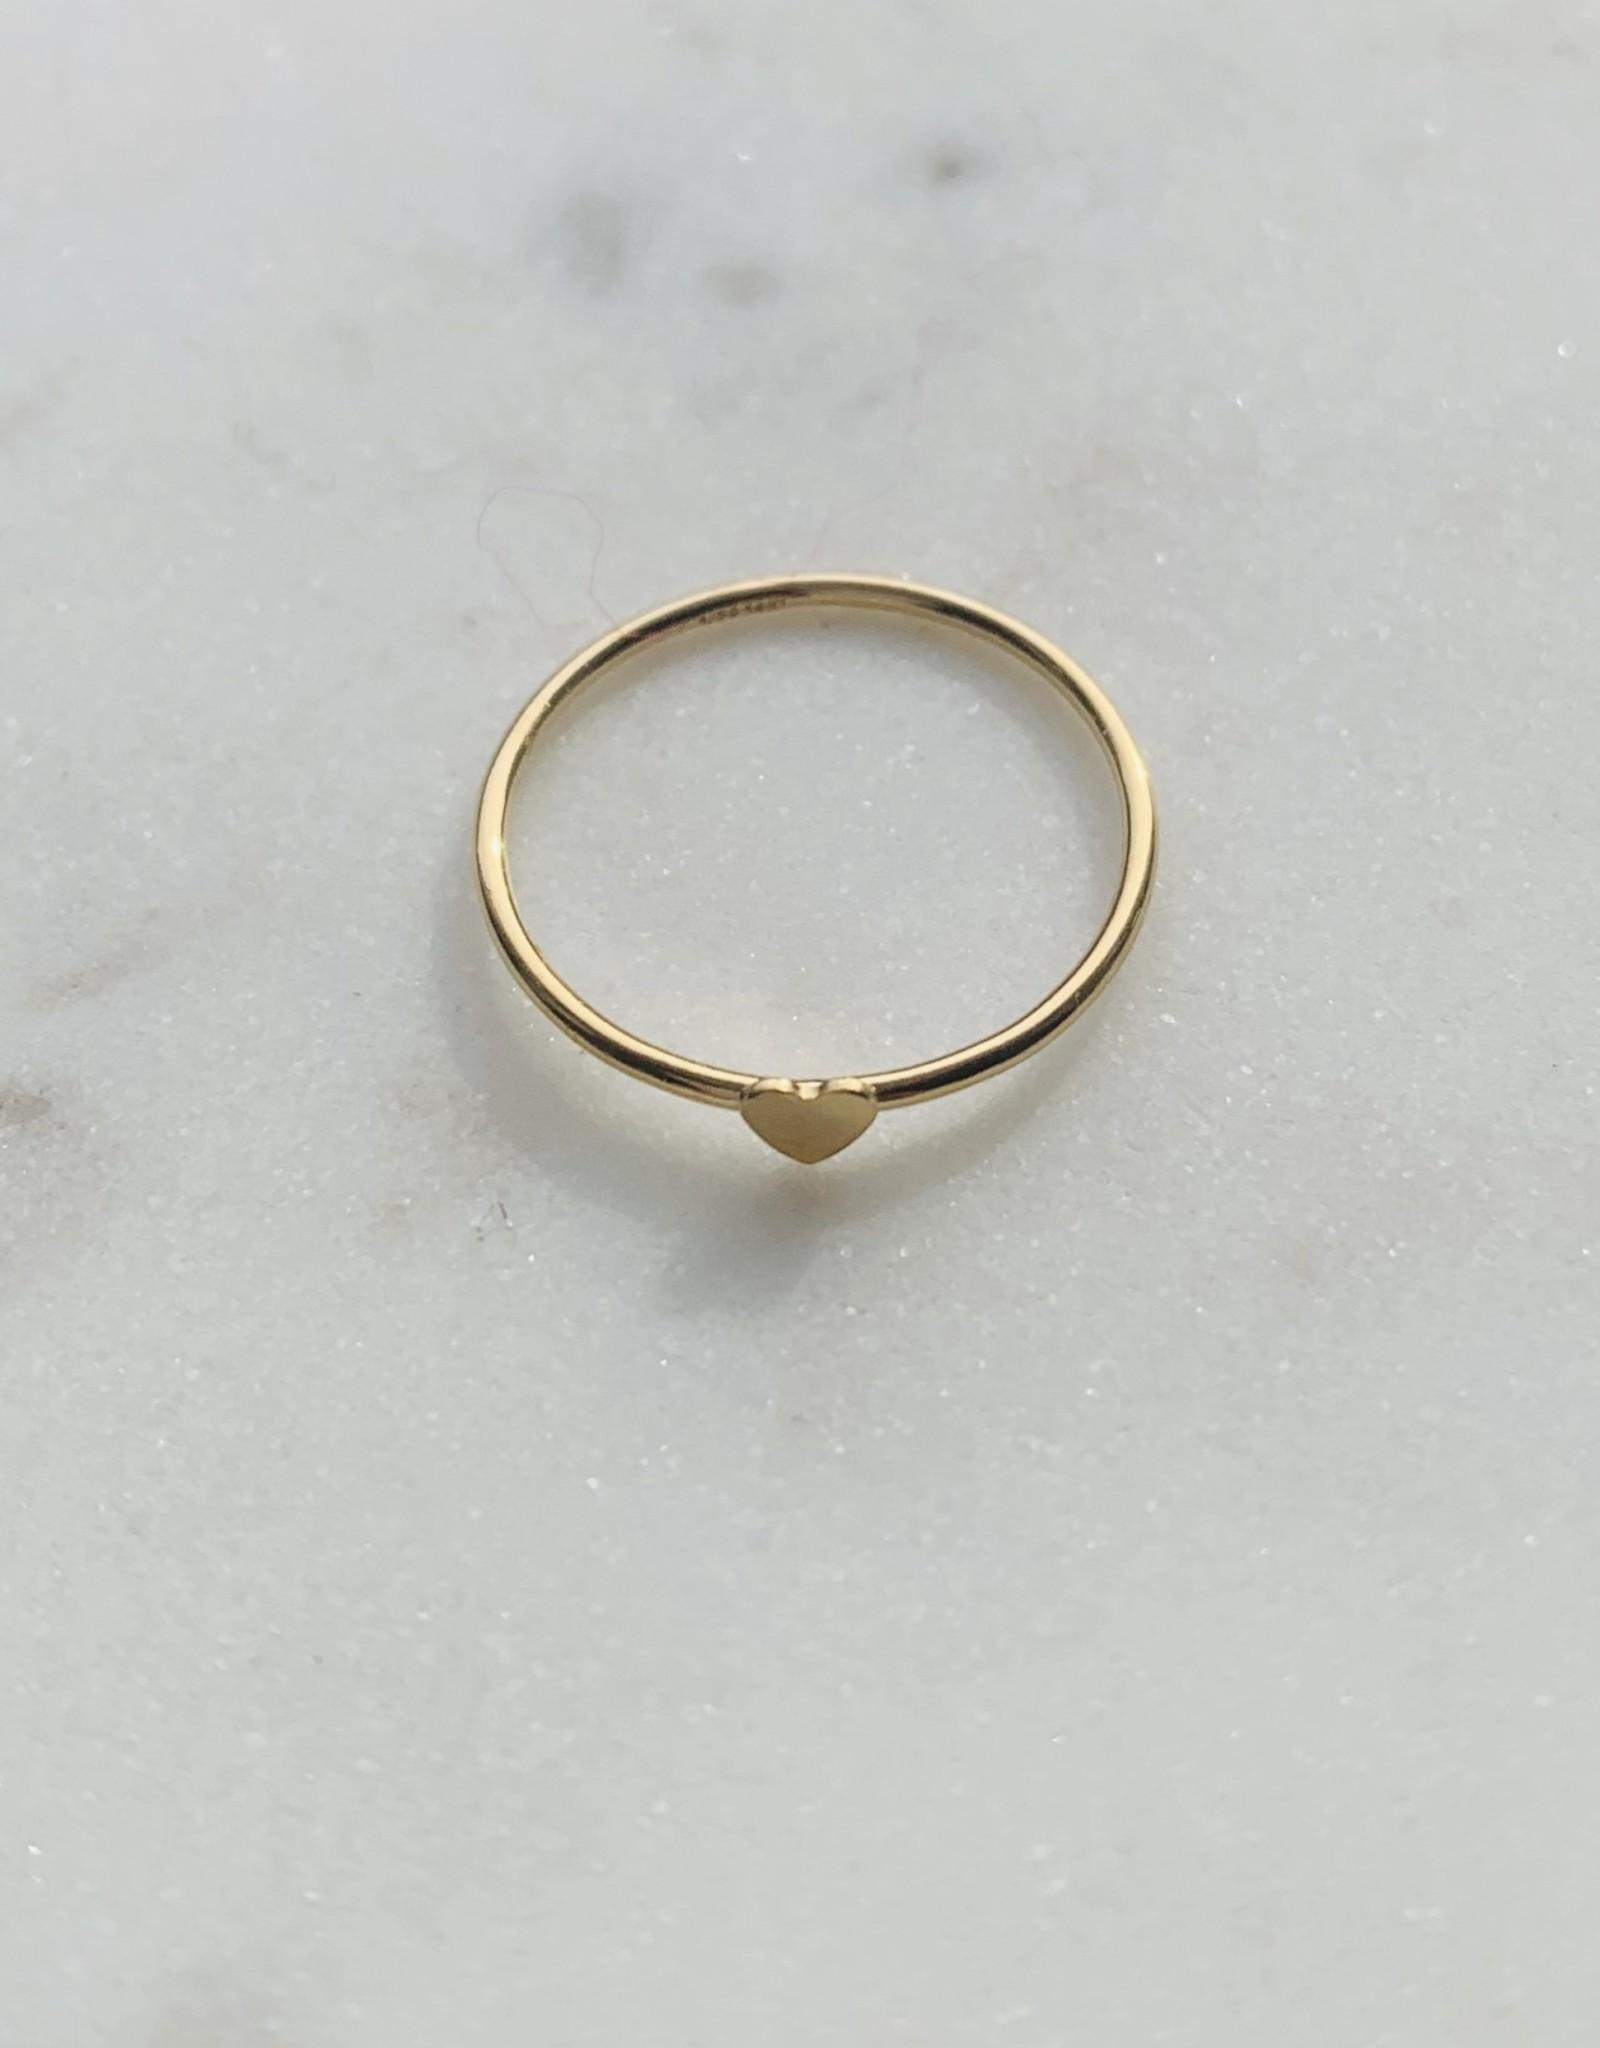 Bague - Extra fine avec petit coeur doublé or